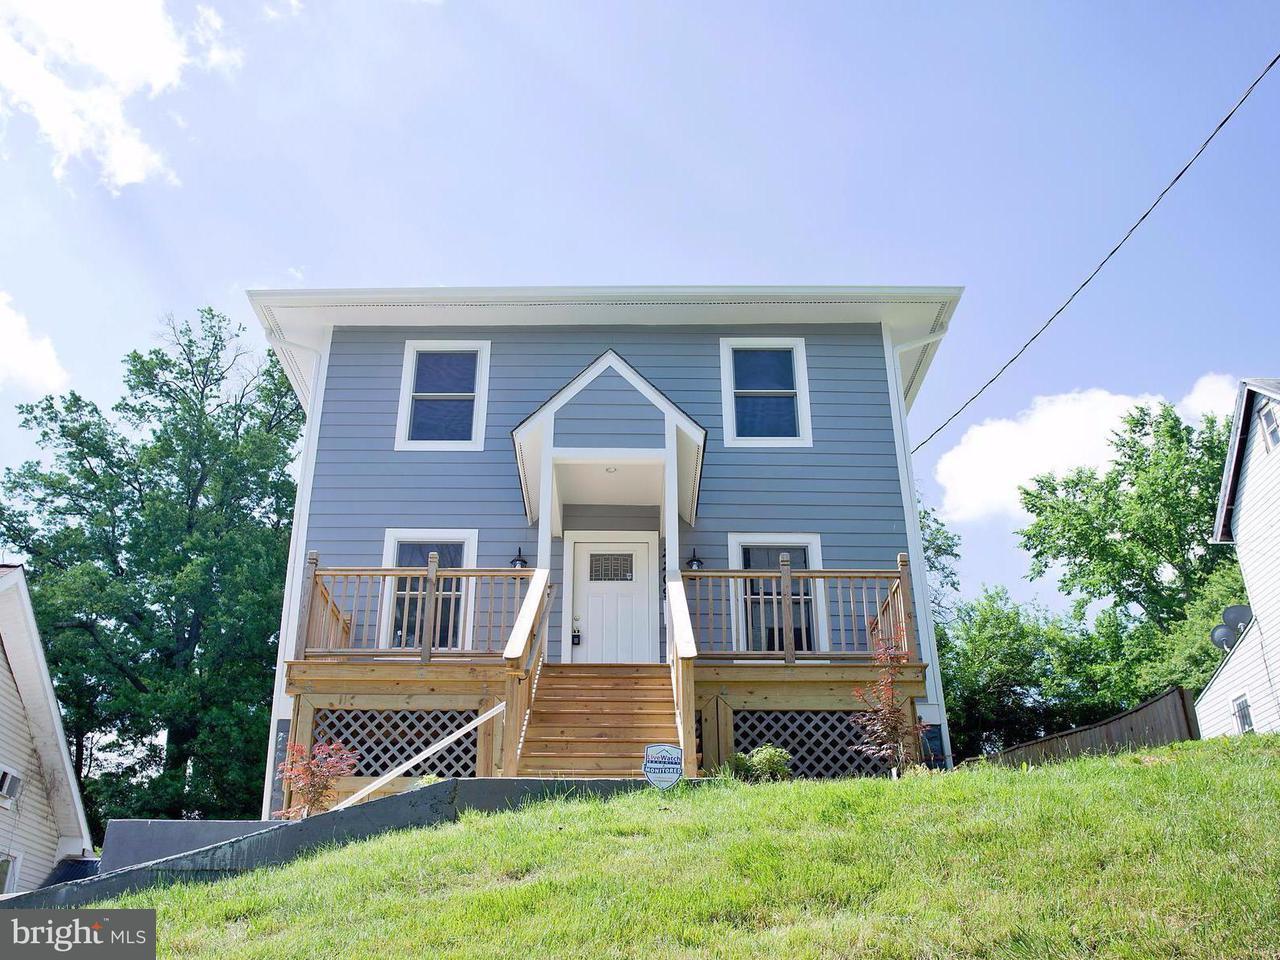 Μονοκατοικία για την Πώληση στο 2209 FRANKLIN ST NE 2209 FRANKLIN ST NE Washington, Περιφερεια Τησ Κολουμπια 20018 Ηνωμενεσ Πολιτειεσ